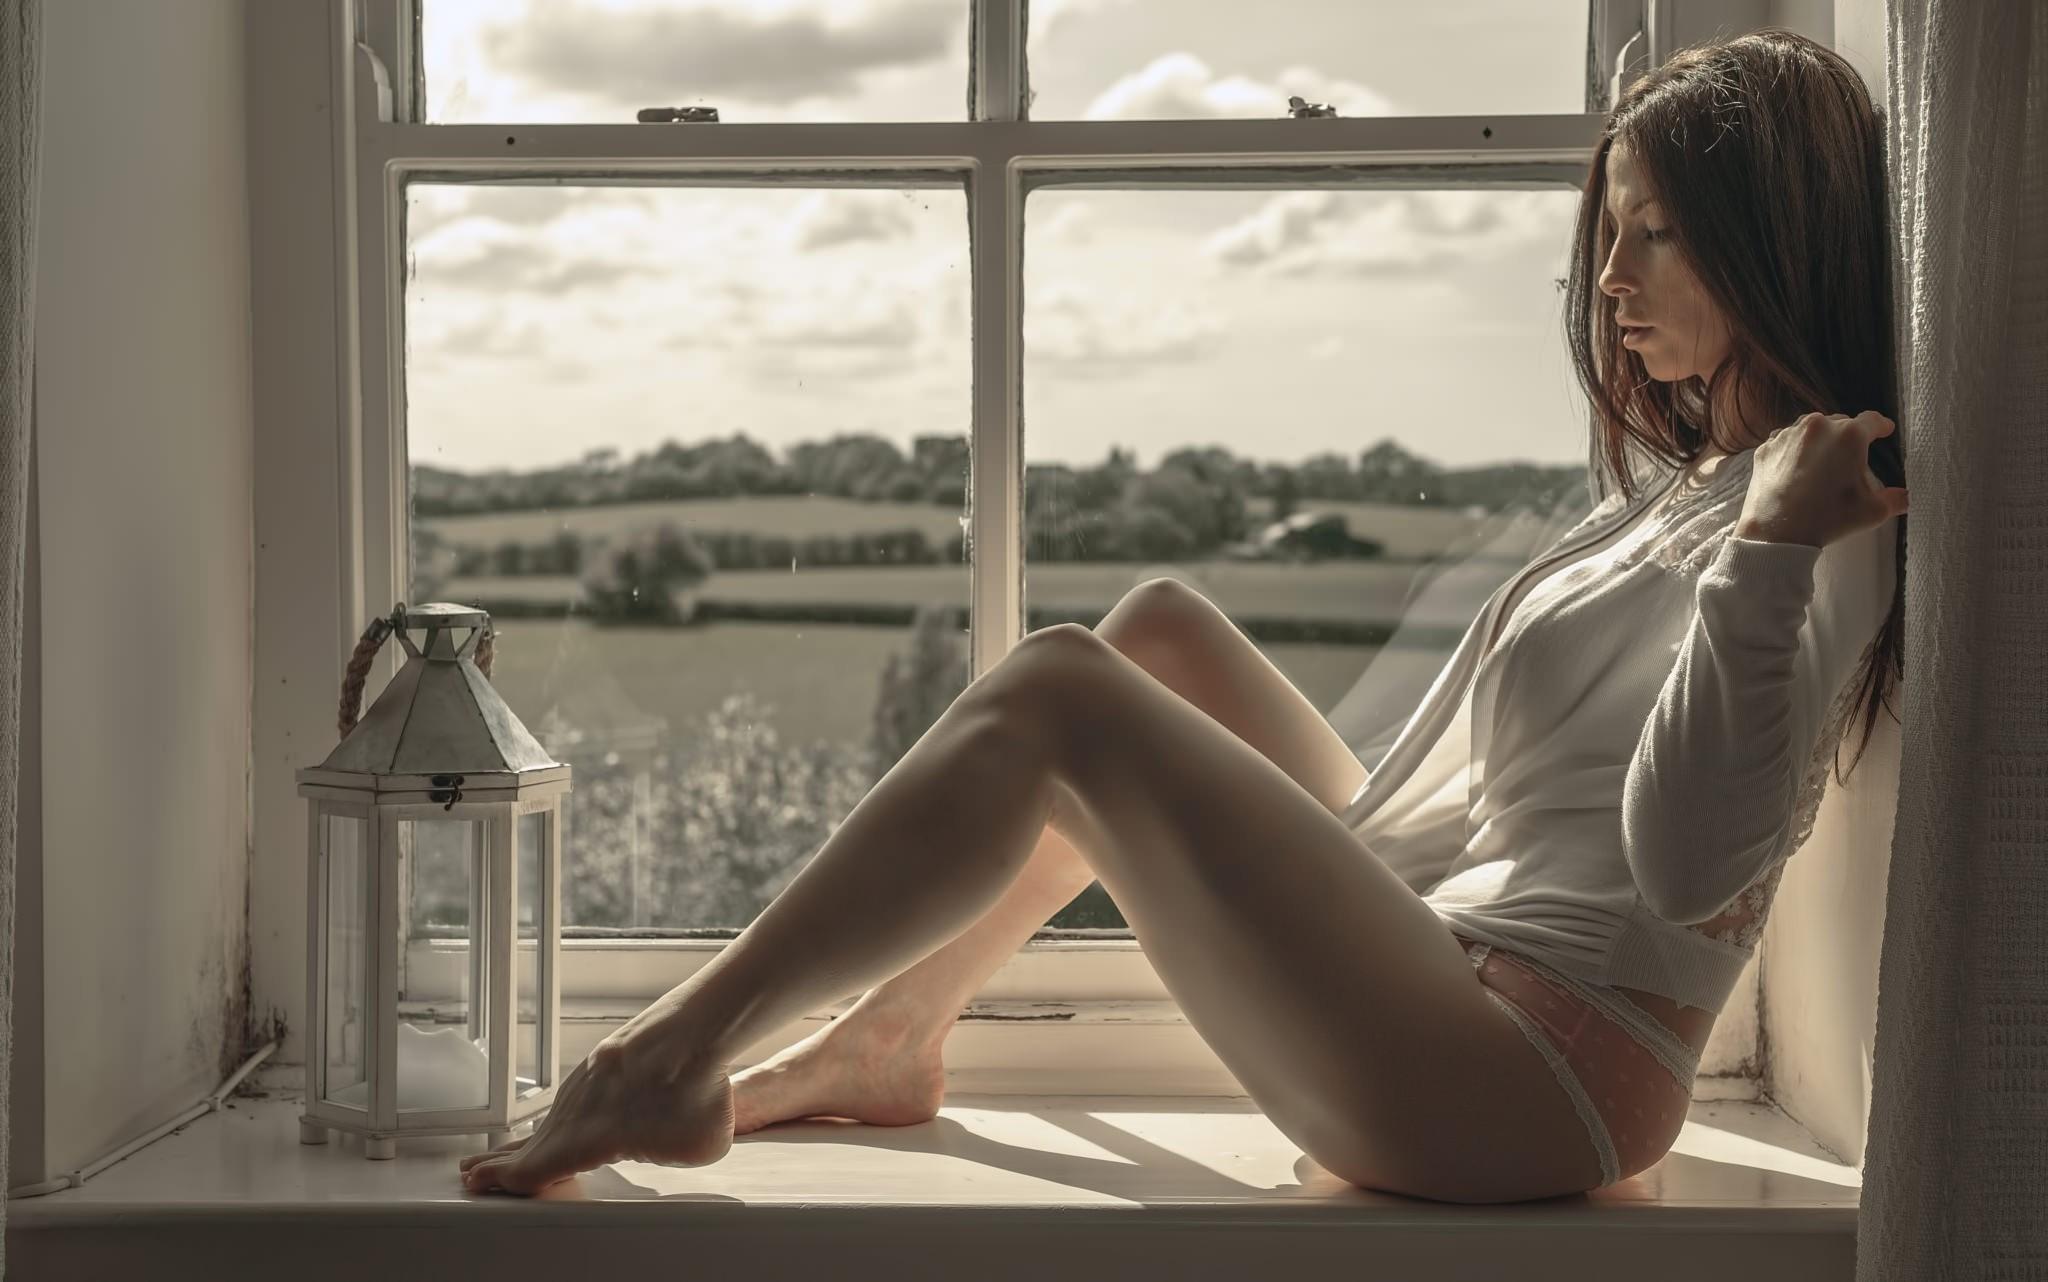 или онна-бугэйся самые красивые фотомодели у окна самом